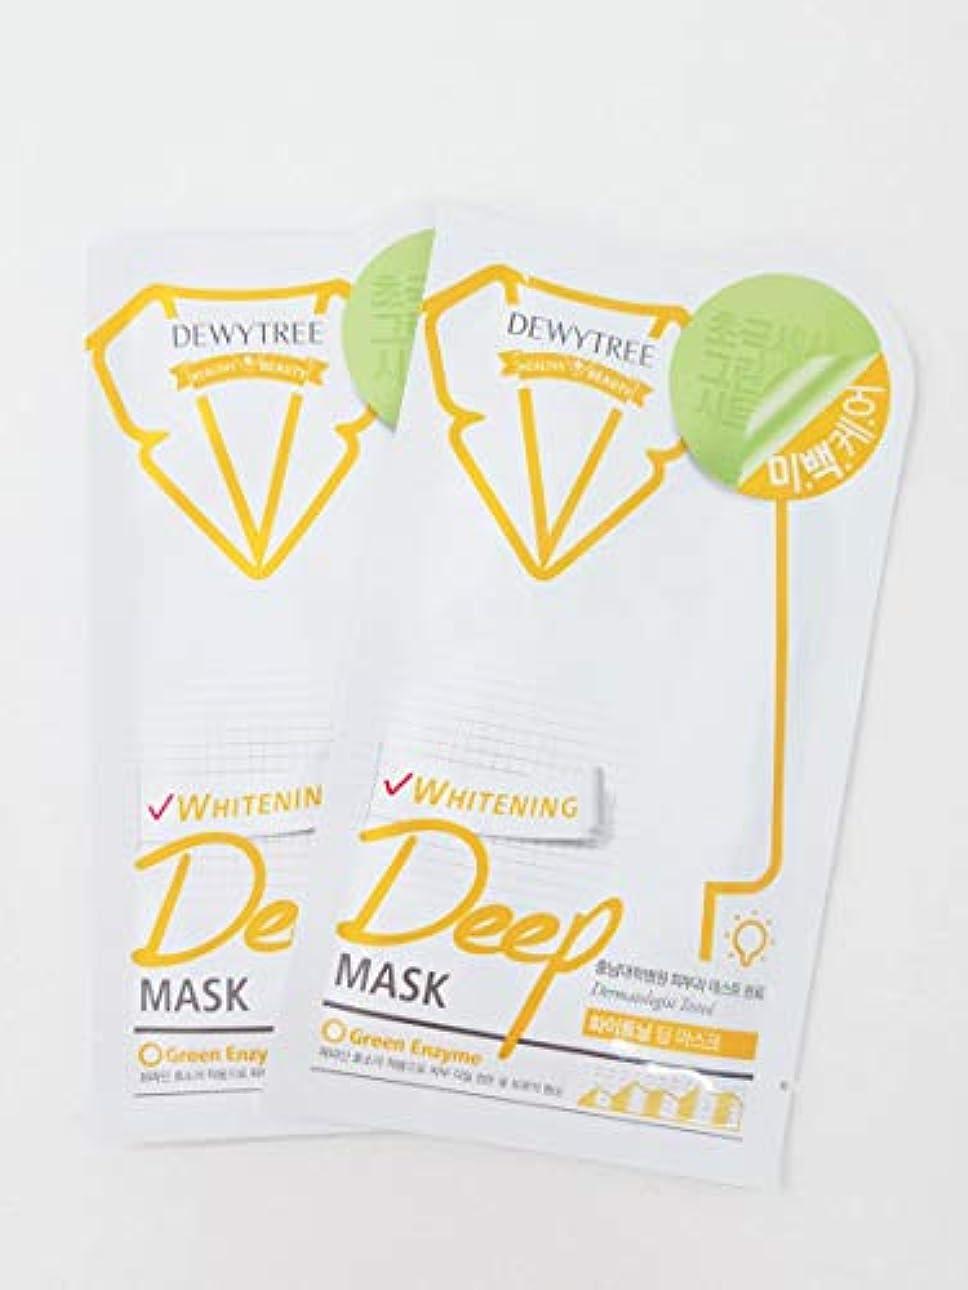 しつけ全体涙(デューイトゥリー) DEWYTREE ホワイトニングディープマスク 20枚 Whitening Deep Mask 韓国マスクパック (並行輸入品)